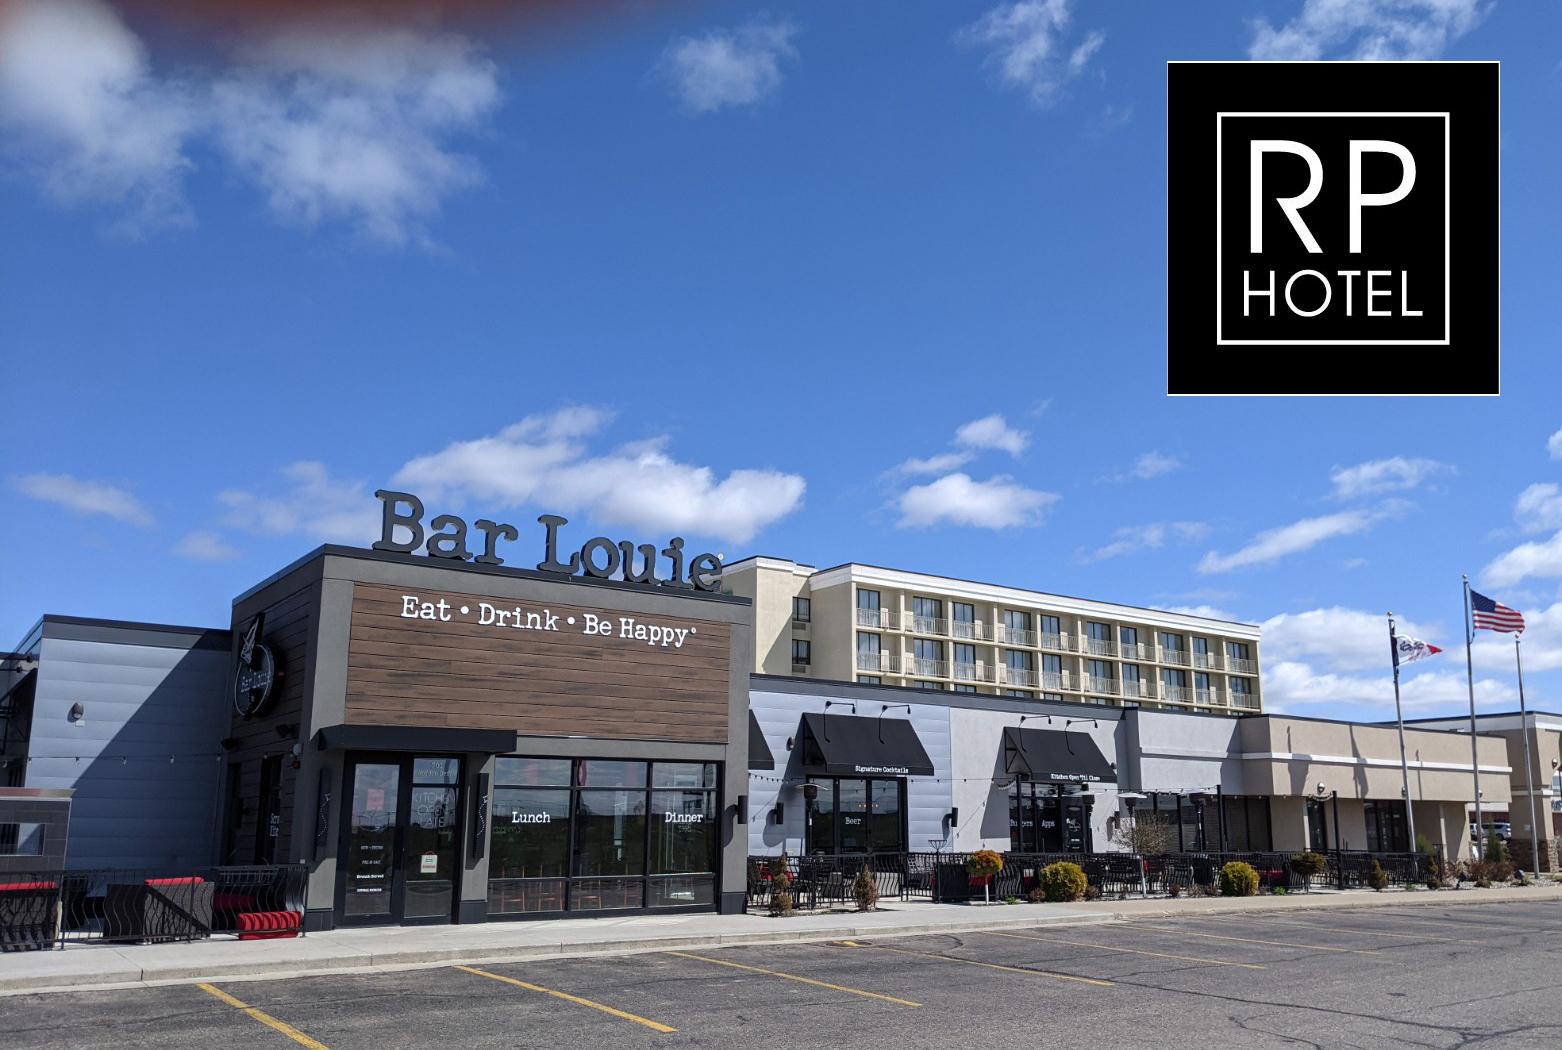 Holiday Inn Sioux City IA Exterior with logo